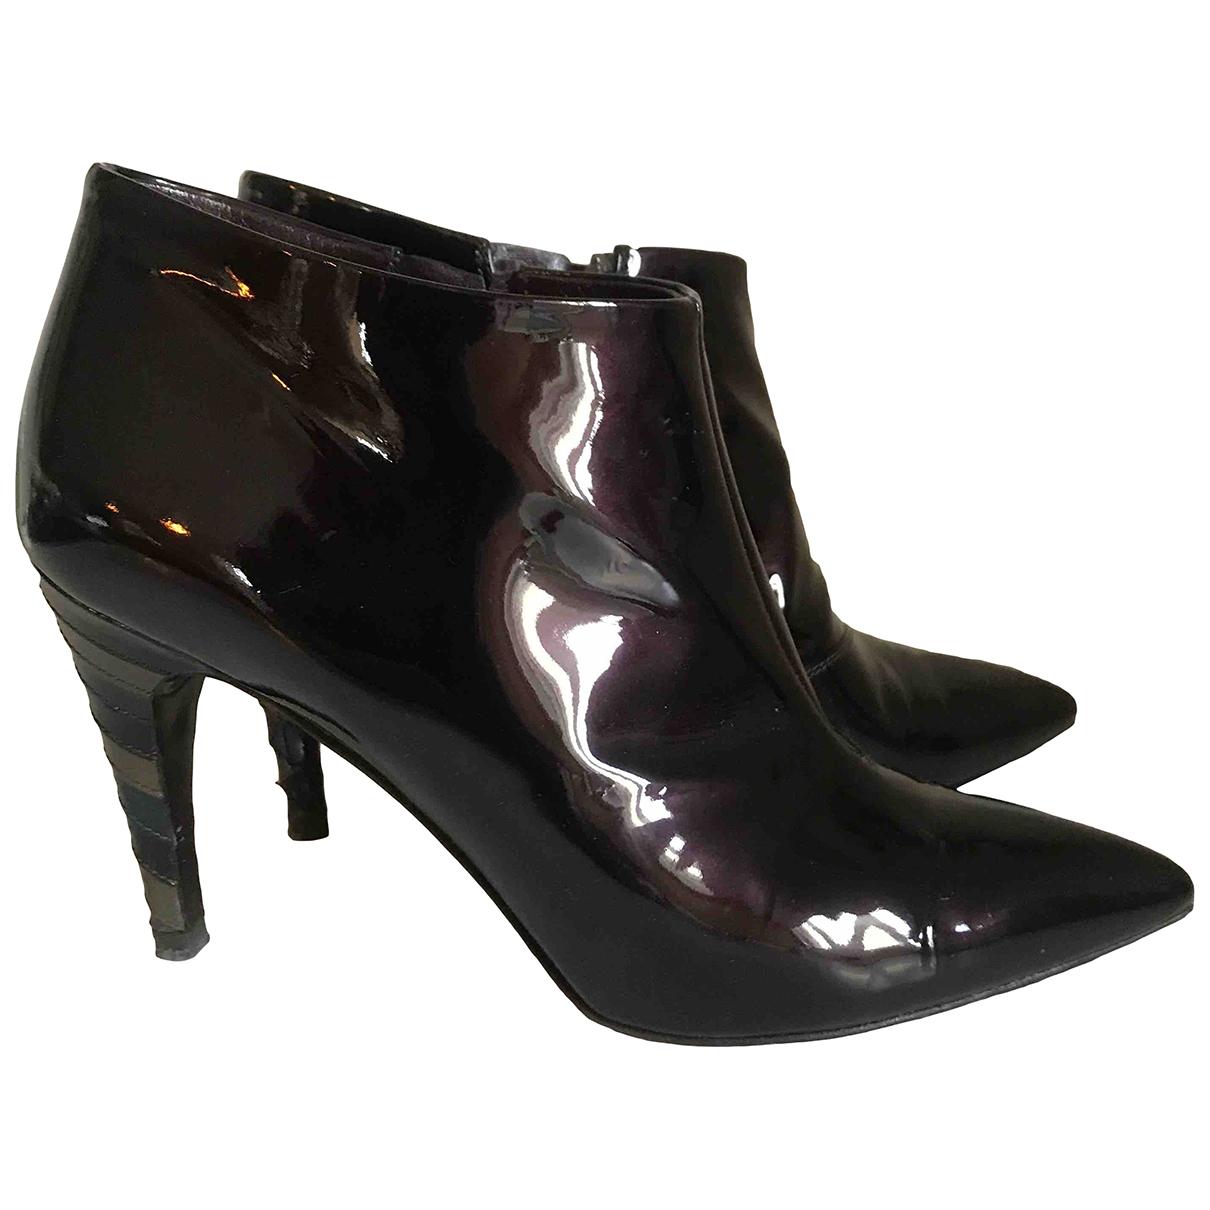 Louis Vuitton - Boots   pour femme en cuir verni - bordeaux